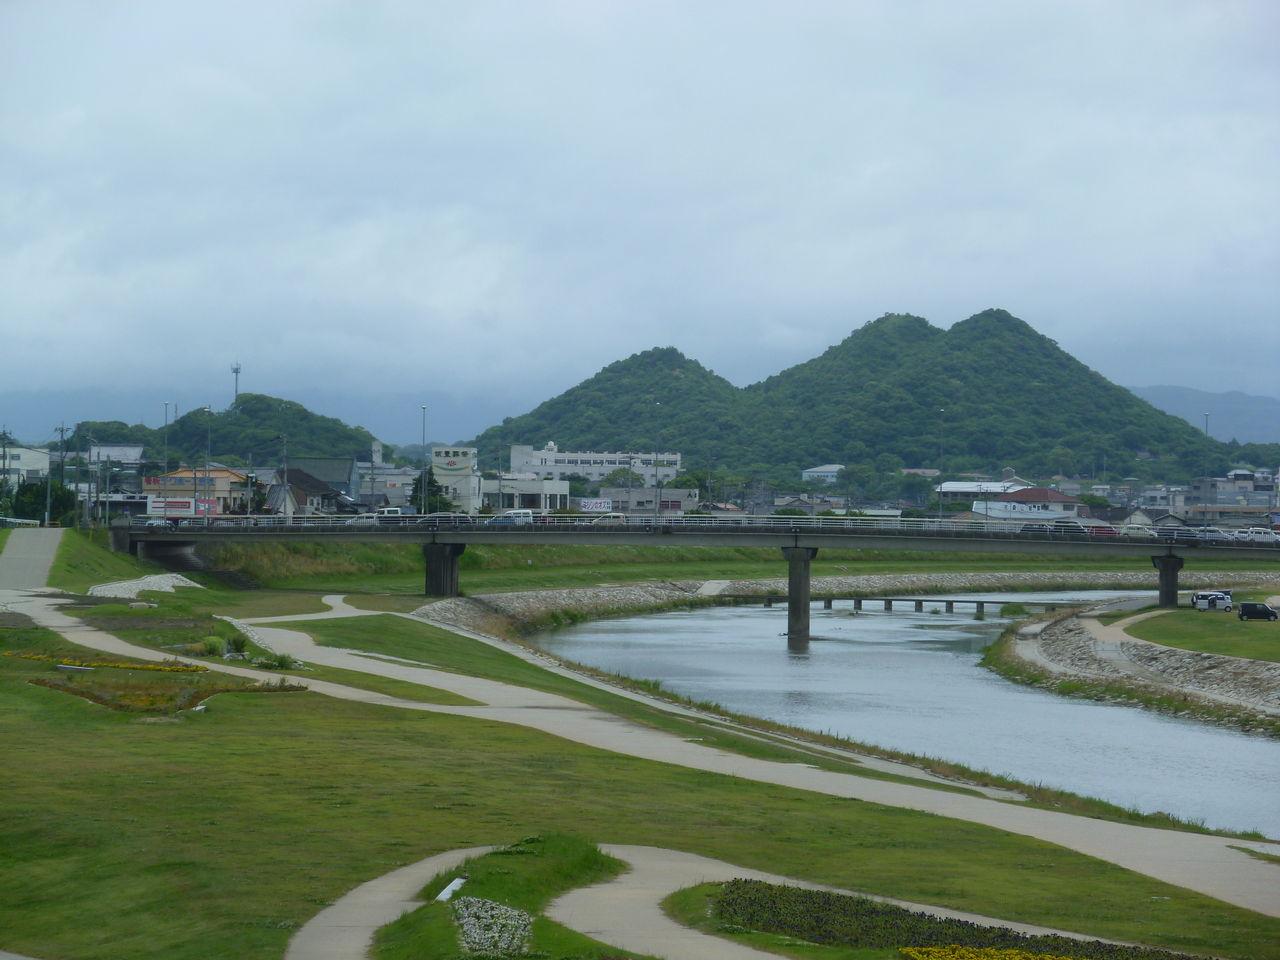 住友忠隈炭砿ボタ山 飯塚市 忠隈 : 筑豊遺産のアーカイブ